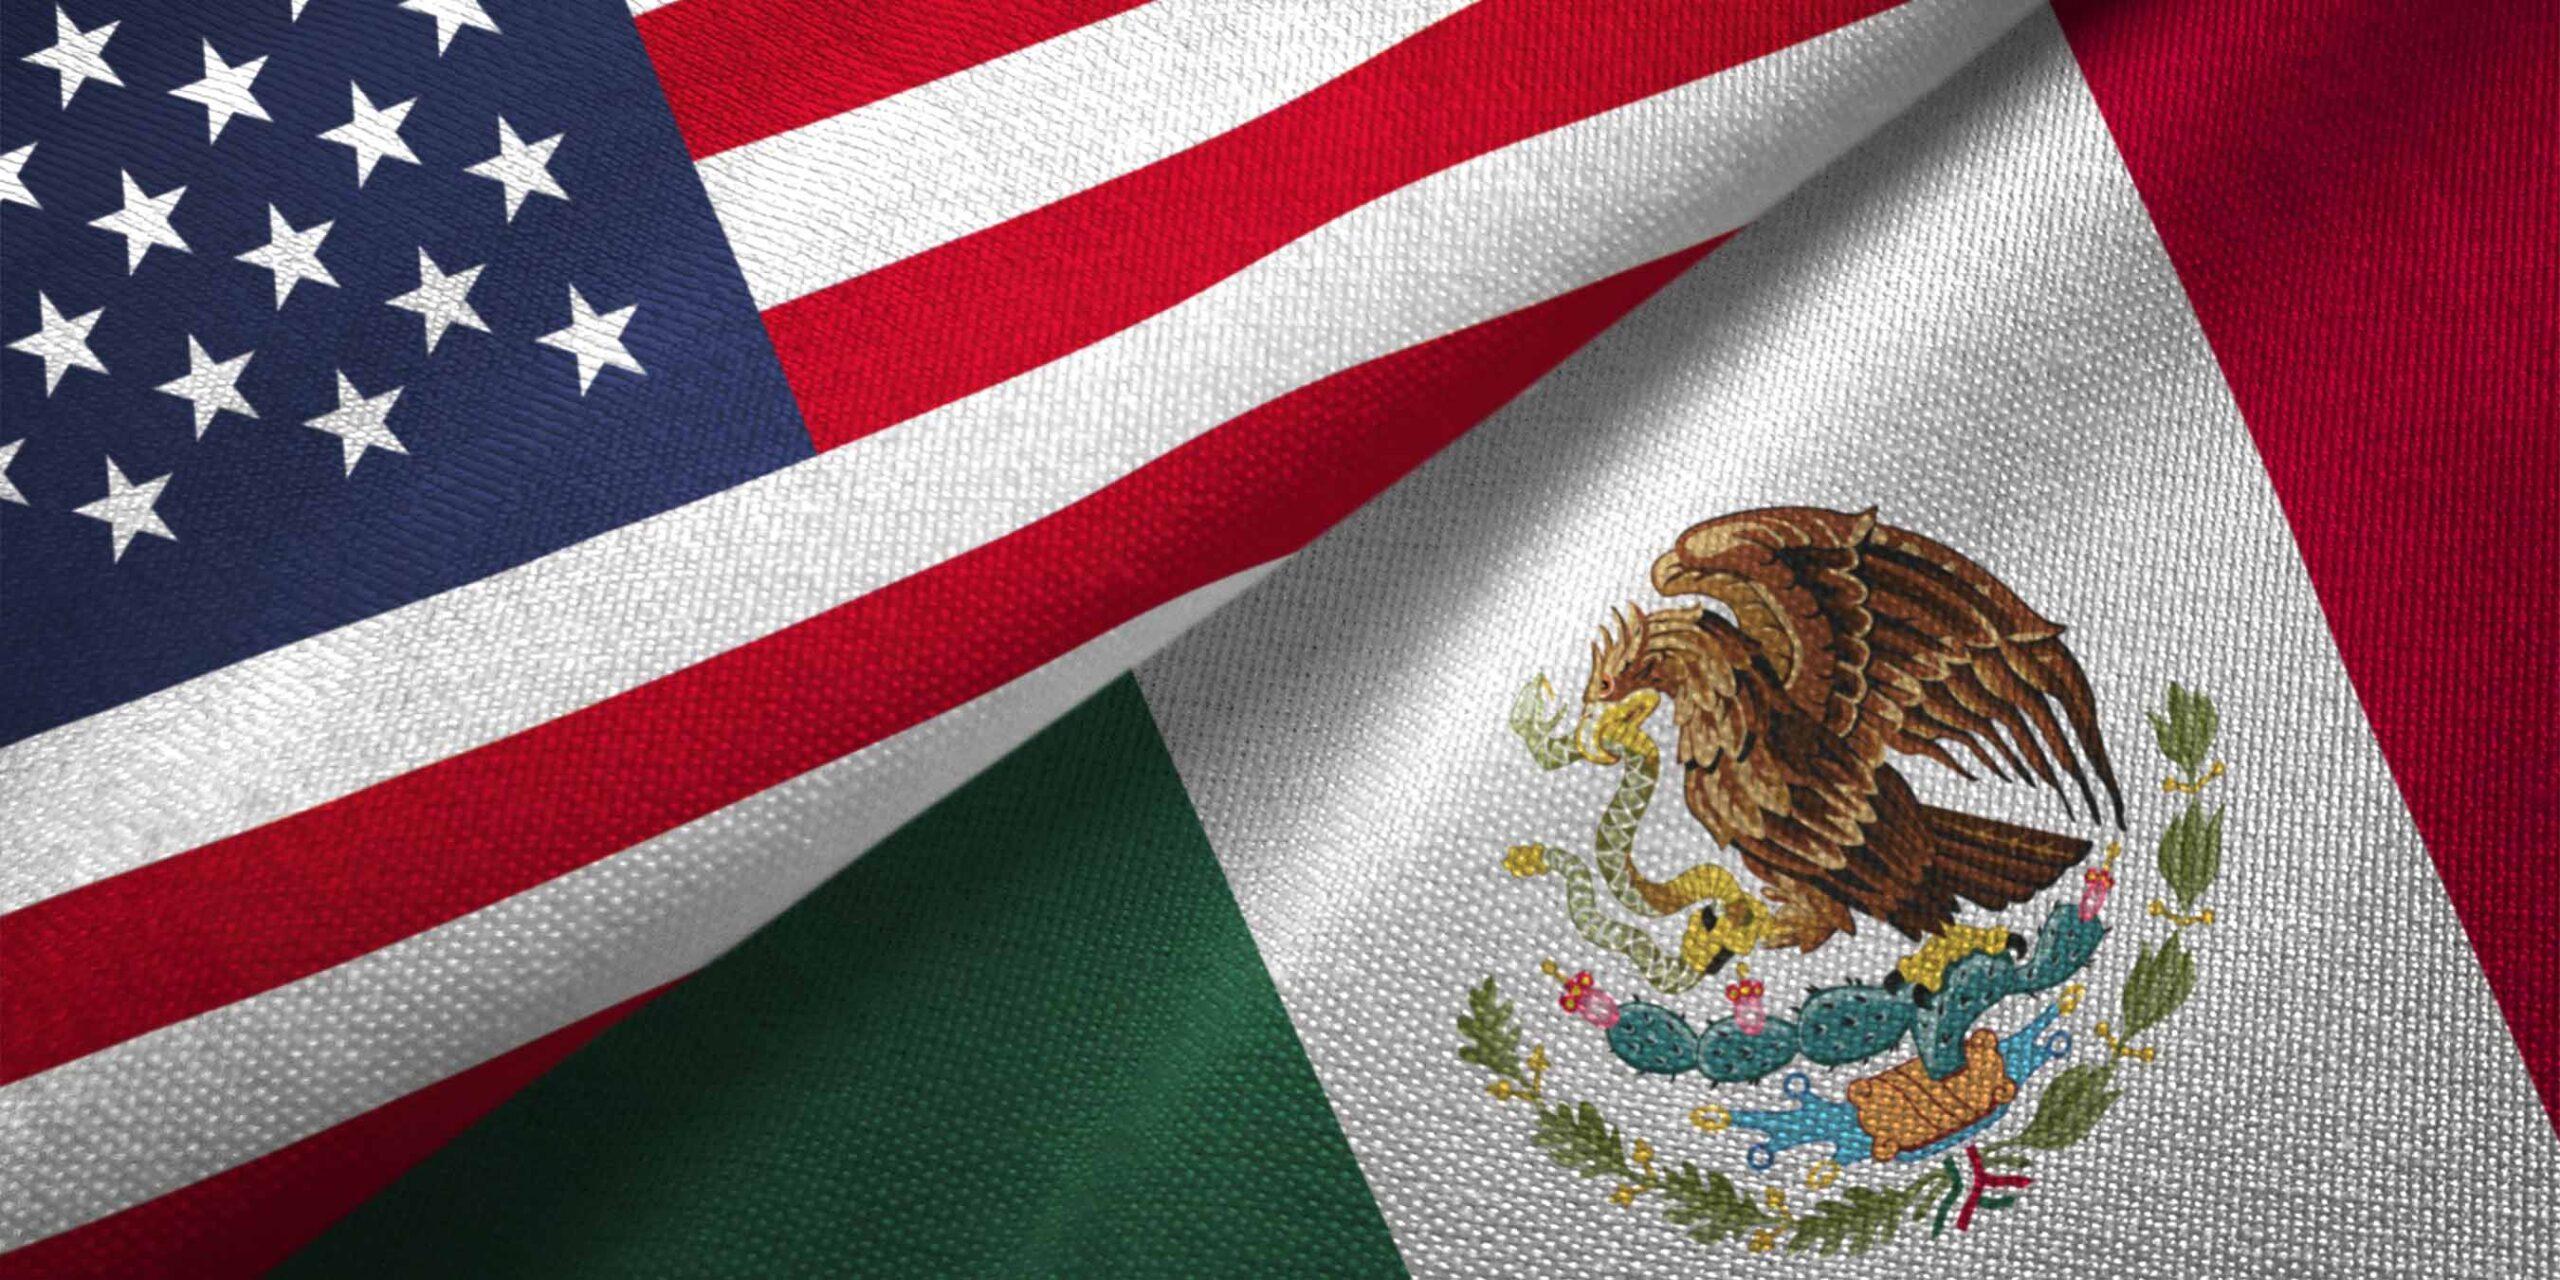 Iglesia pide una 'verdadera colaboración' entre México y EU en temas migratorios   El Imparcial de Oaxaca